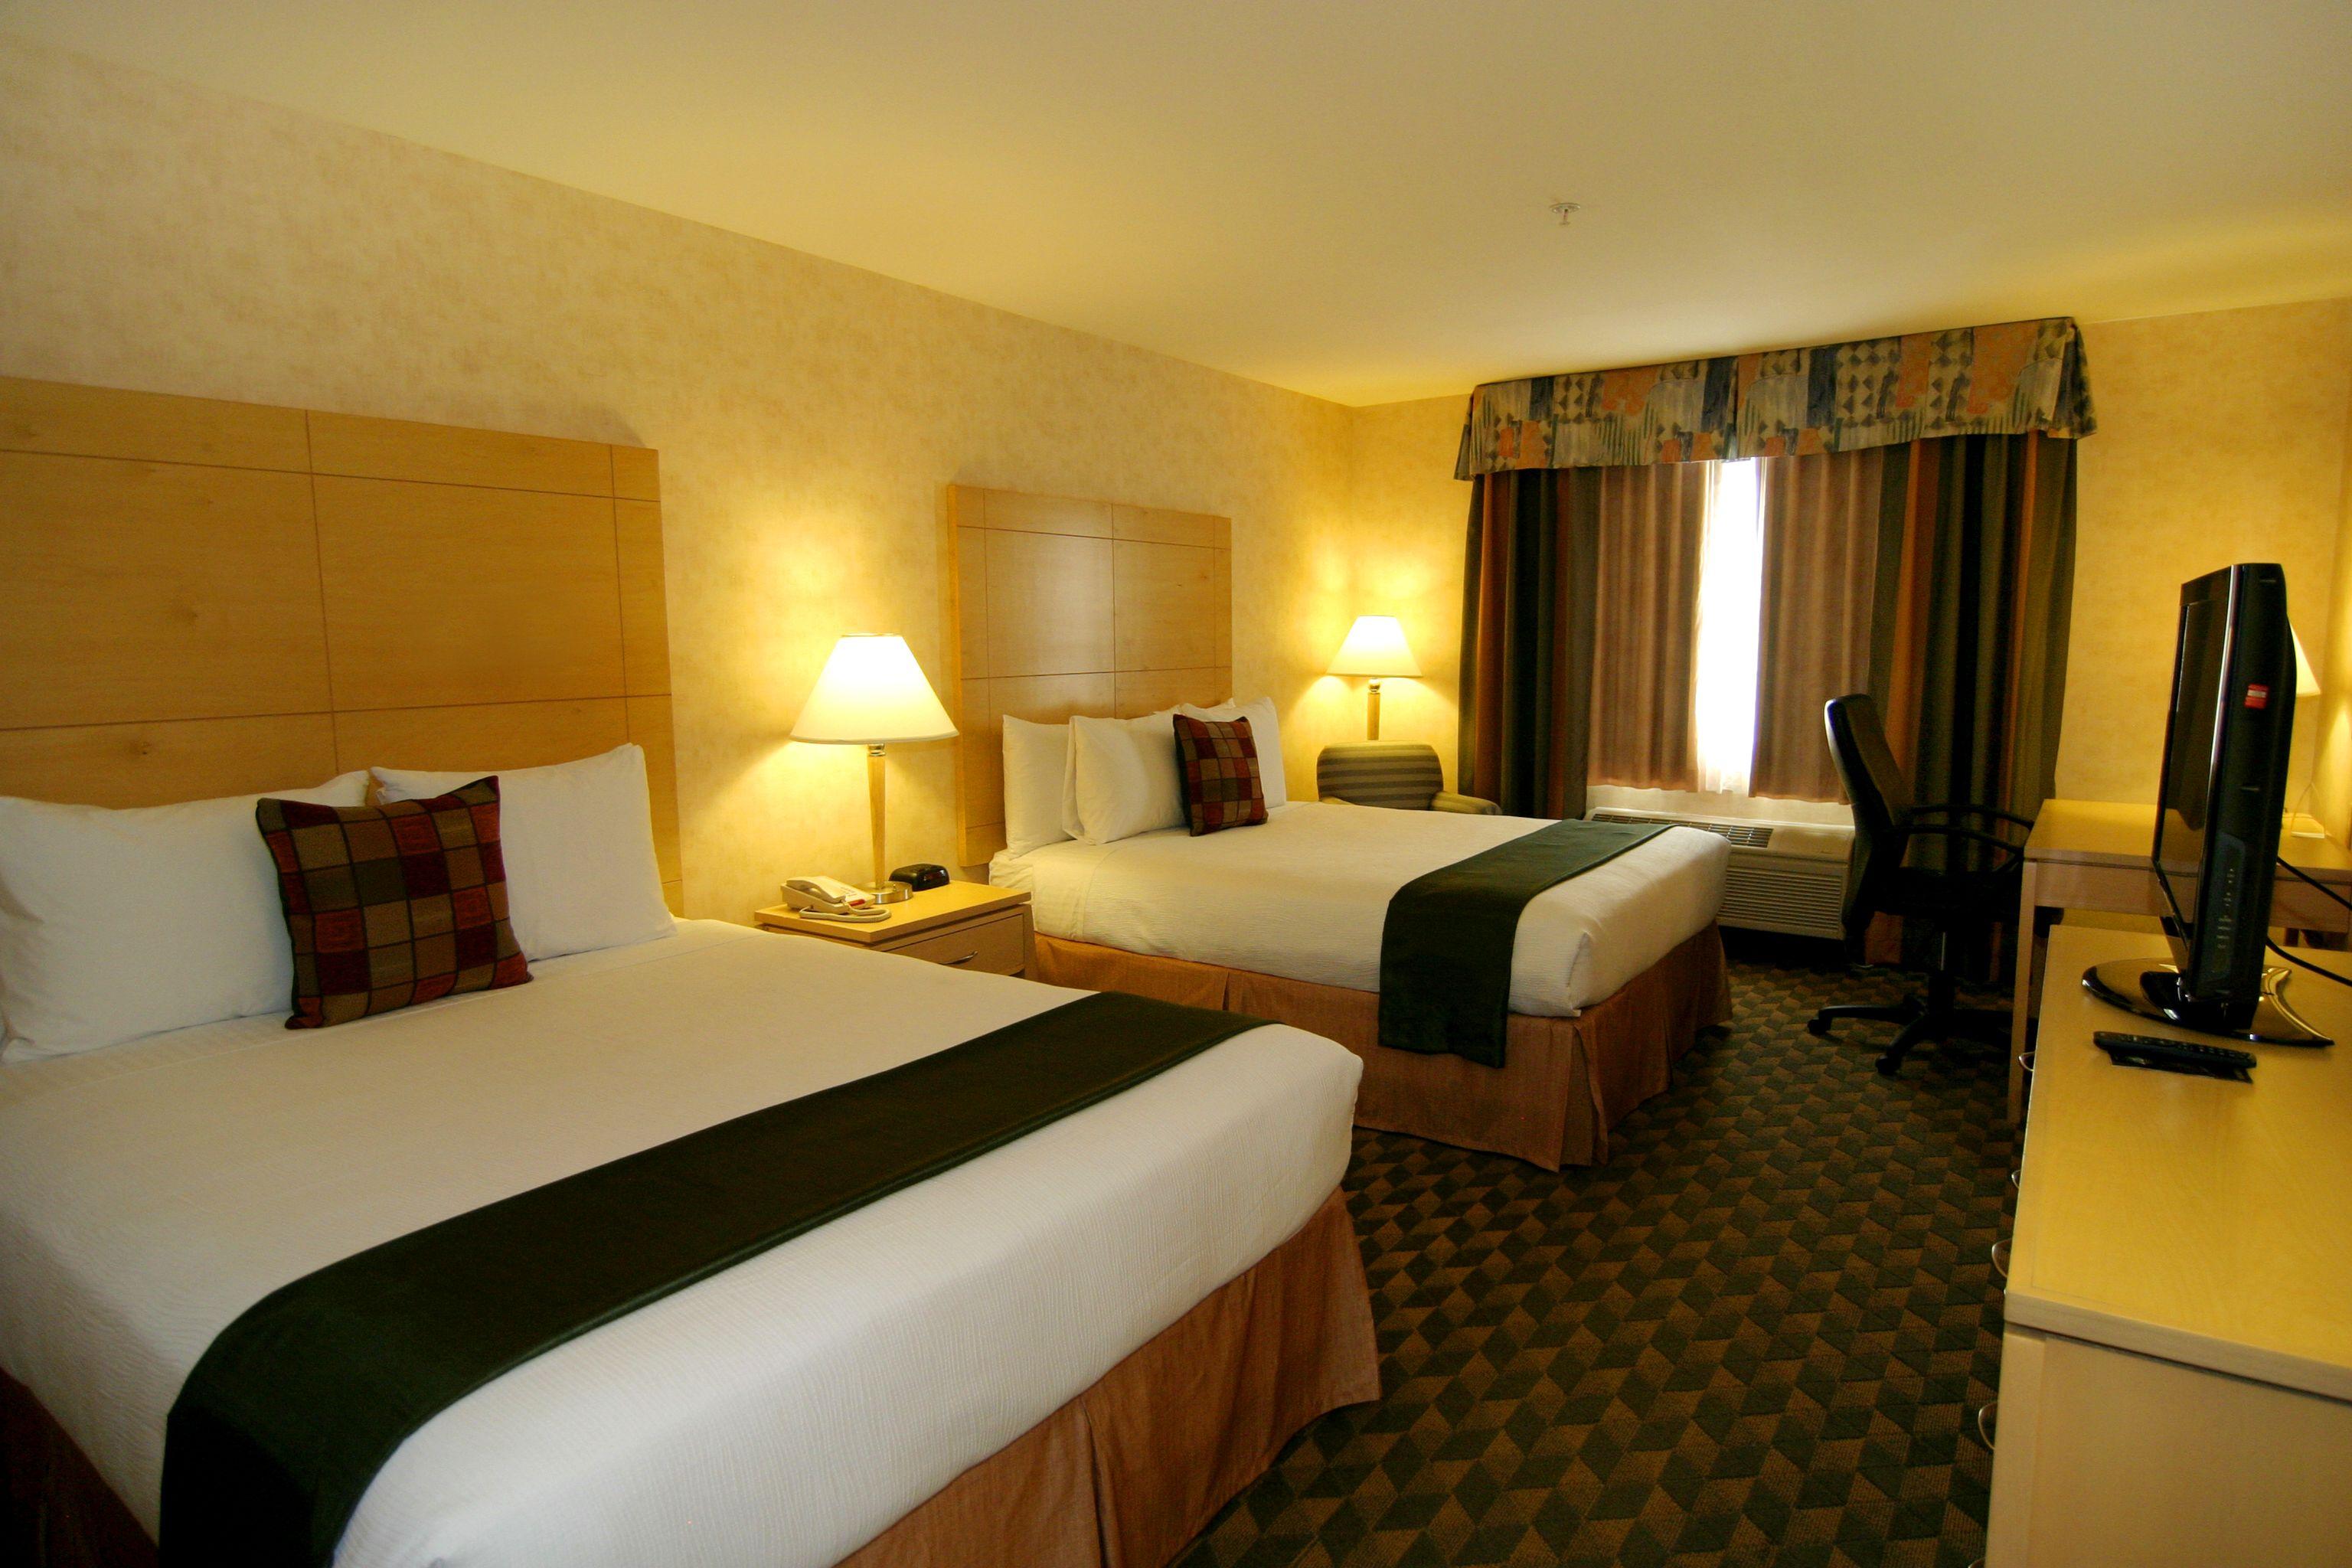 Best Western Plus North Las Vegas Standard Two Queen Room Queen